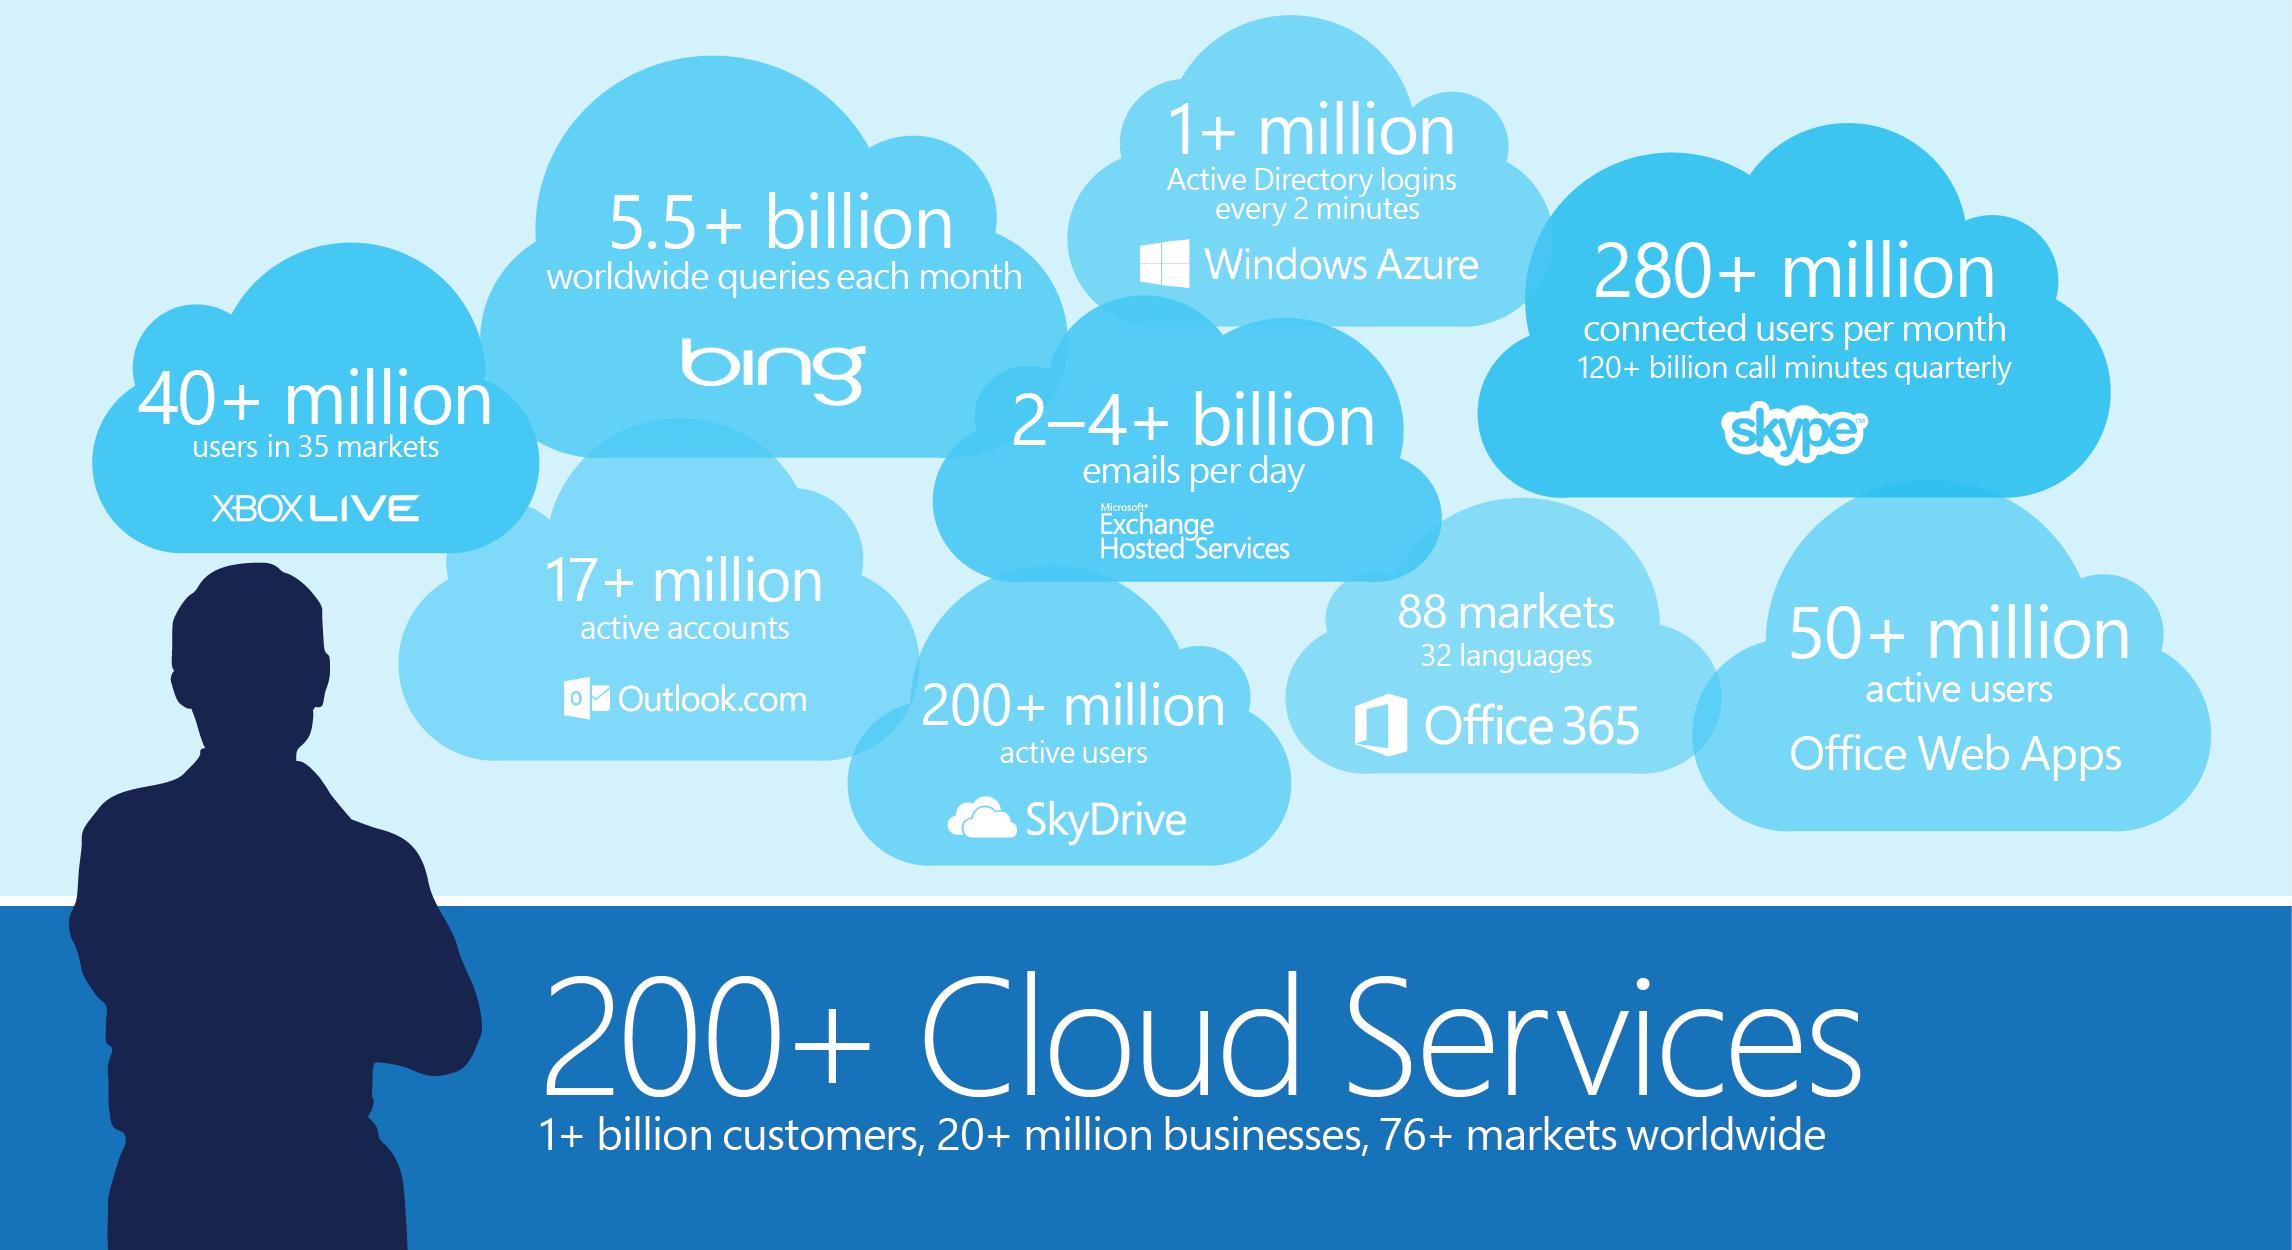 تلاش مایکروسافت برای تبدیل شدن به قدرت برتر حوزه Cloud